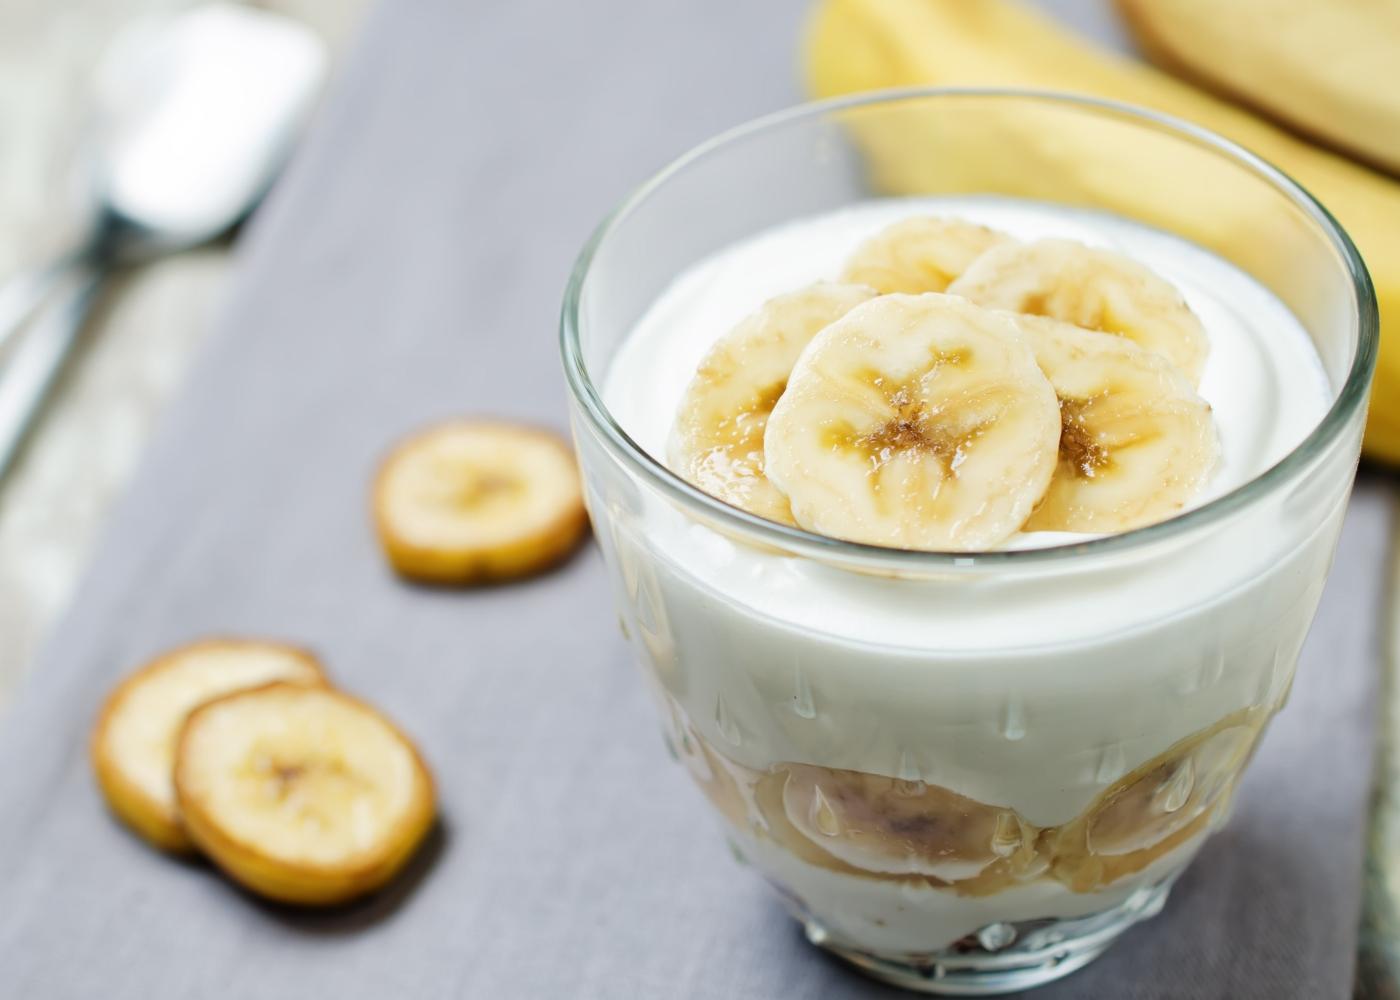 Pudim de banana servido num copo de vidro